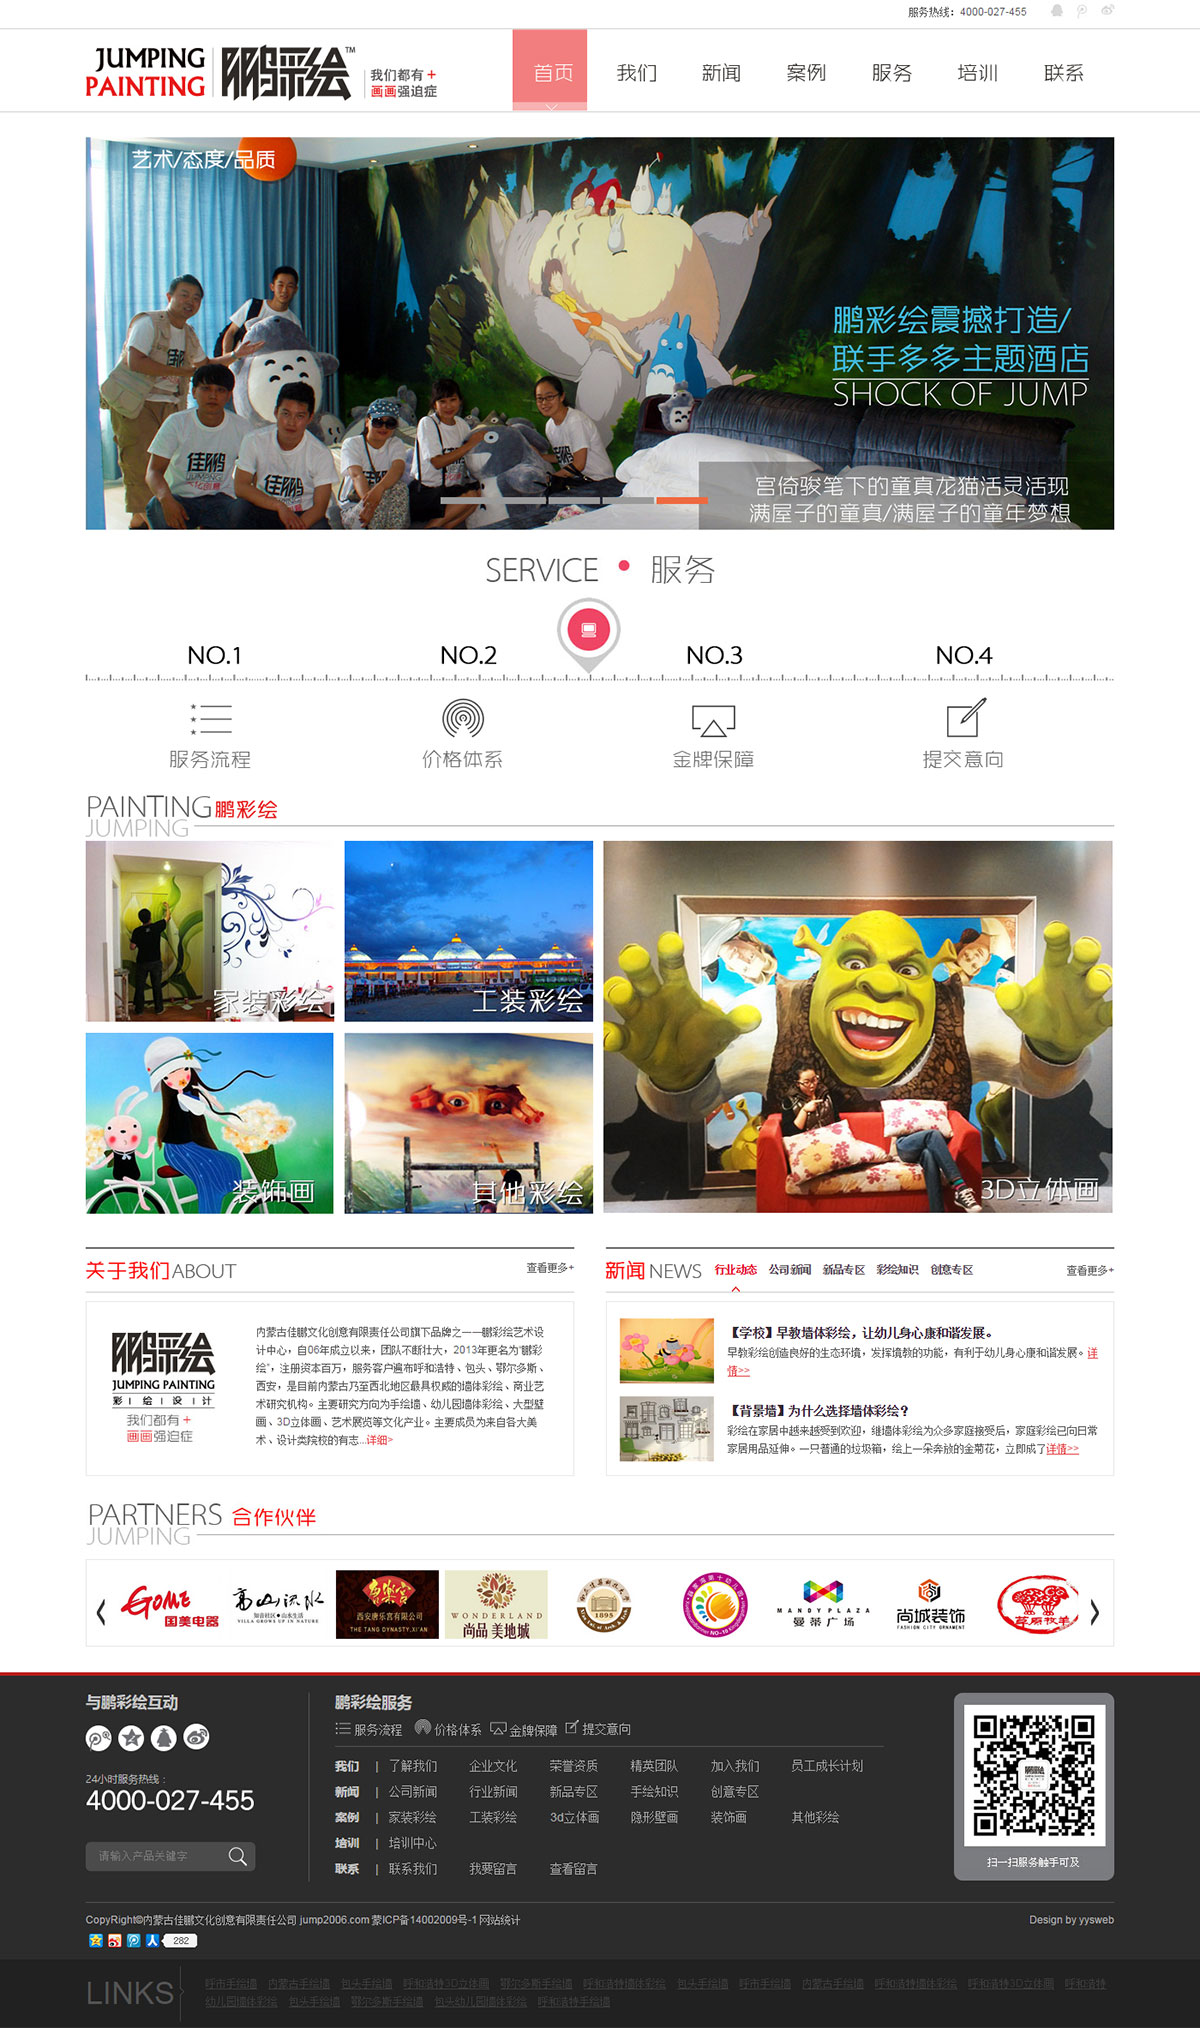 鹏彩绘艺术中心官网网站首页效果图